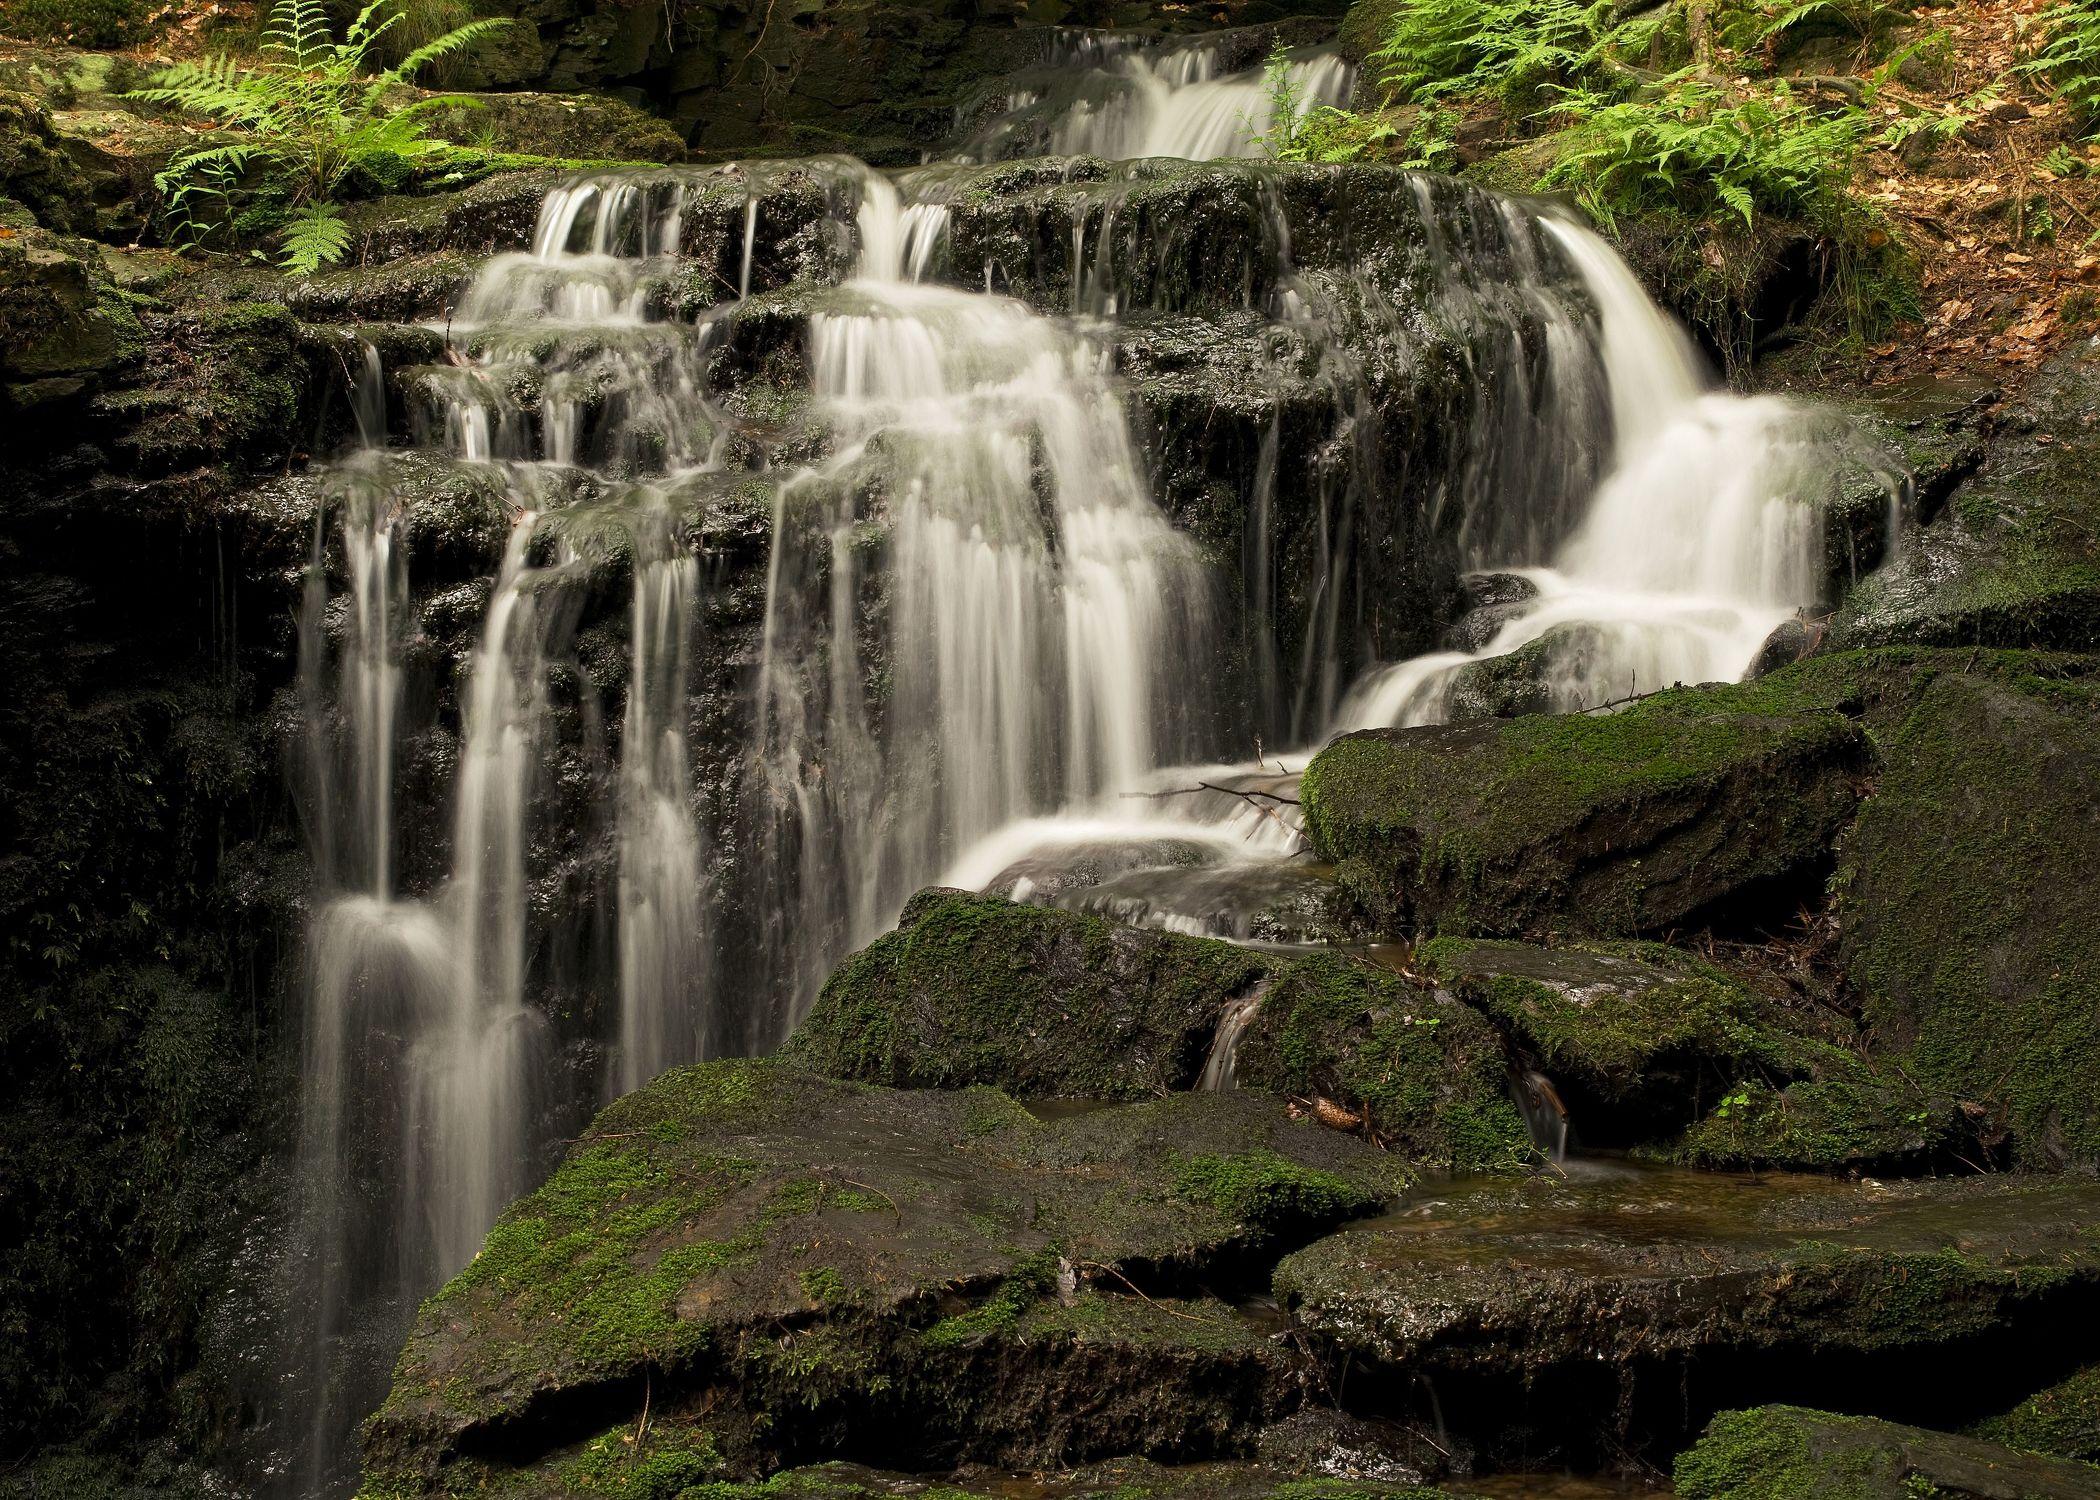 Bild mit Wasserfälle, Wasserfall, Natur und Landschaft